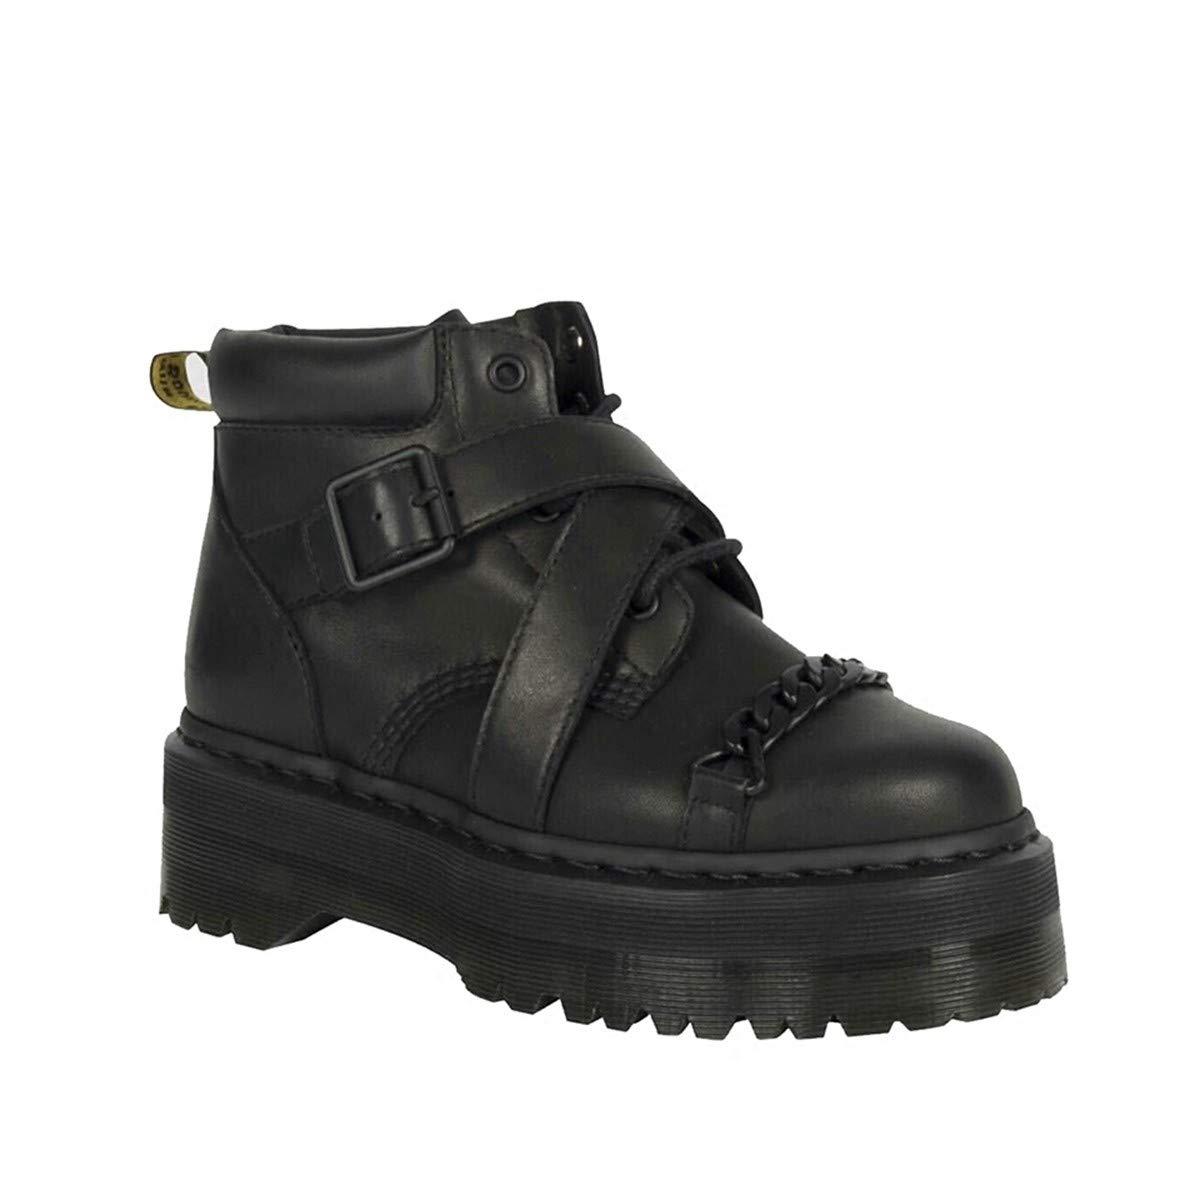 SIKESONG Décoration De Chaîne en Métal Et des Mesdames Femmes Boots Cool Plate-Forme Haute Mesdames des Martin Bottes Femmes Chaussures De Plate-Forme De Boucle 40 Que show 21a6b4